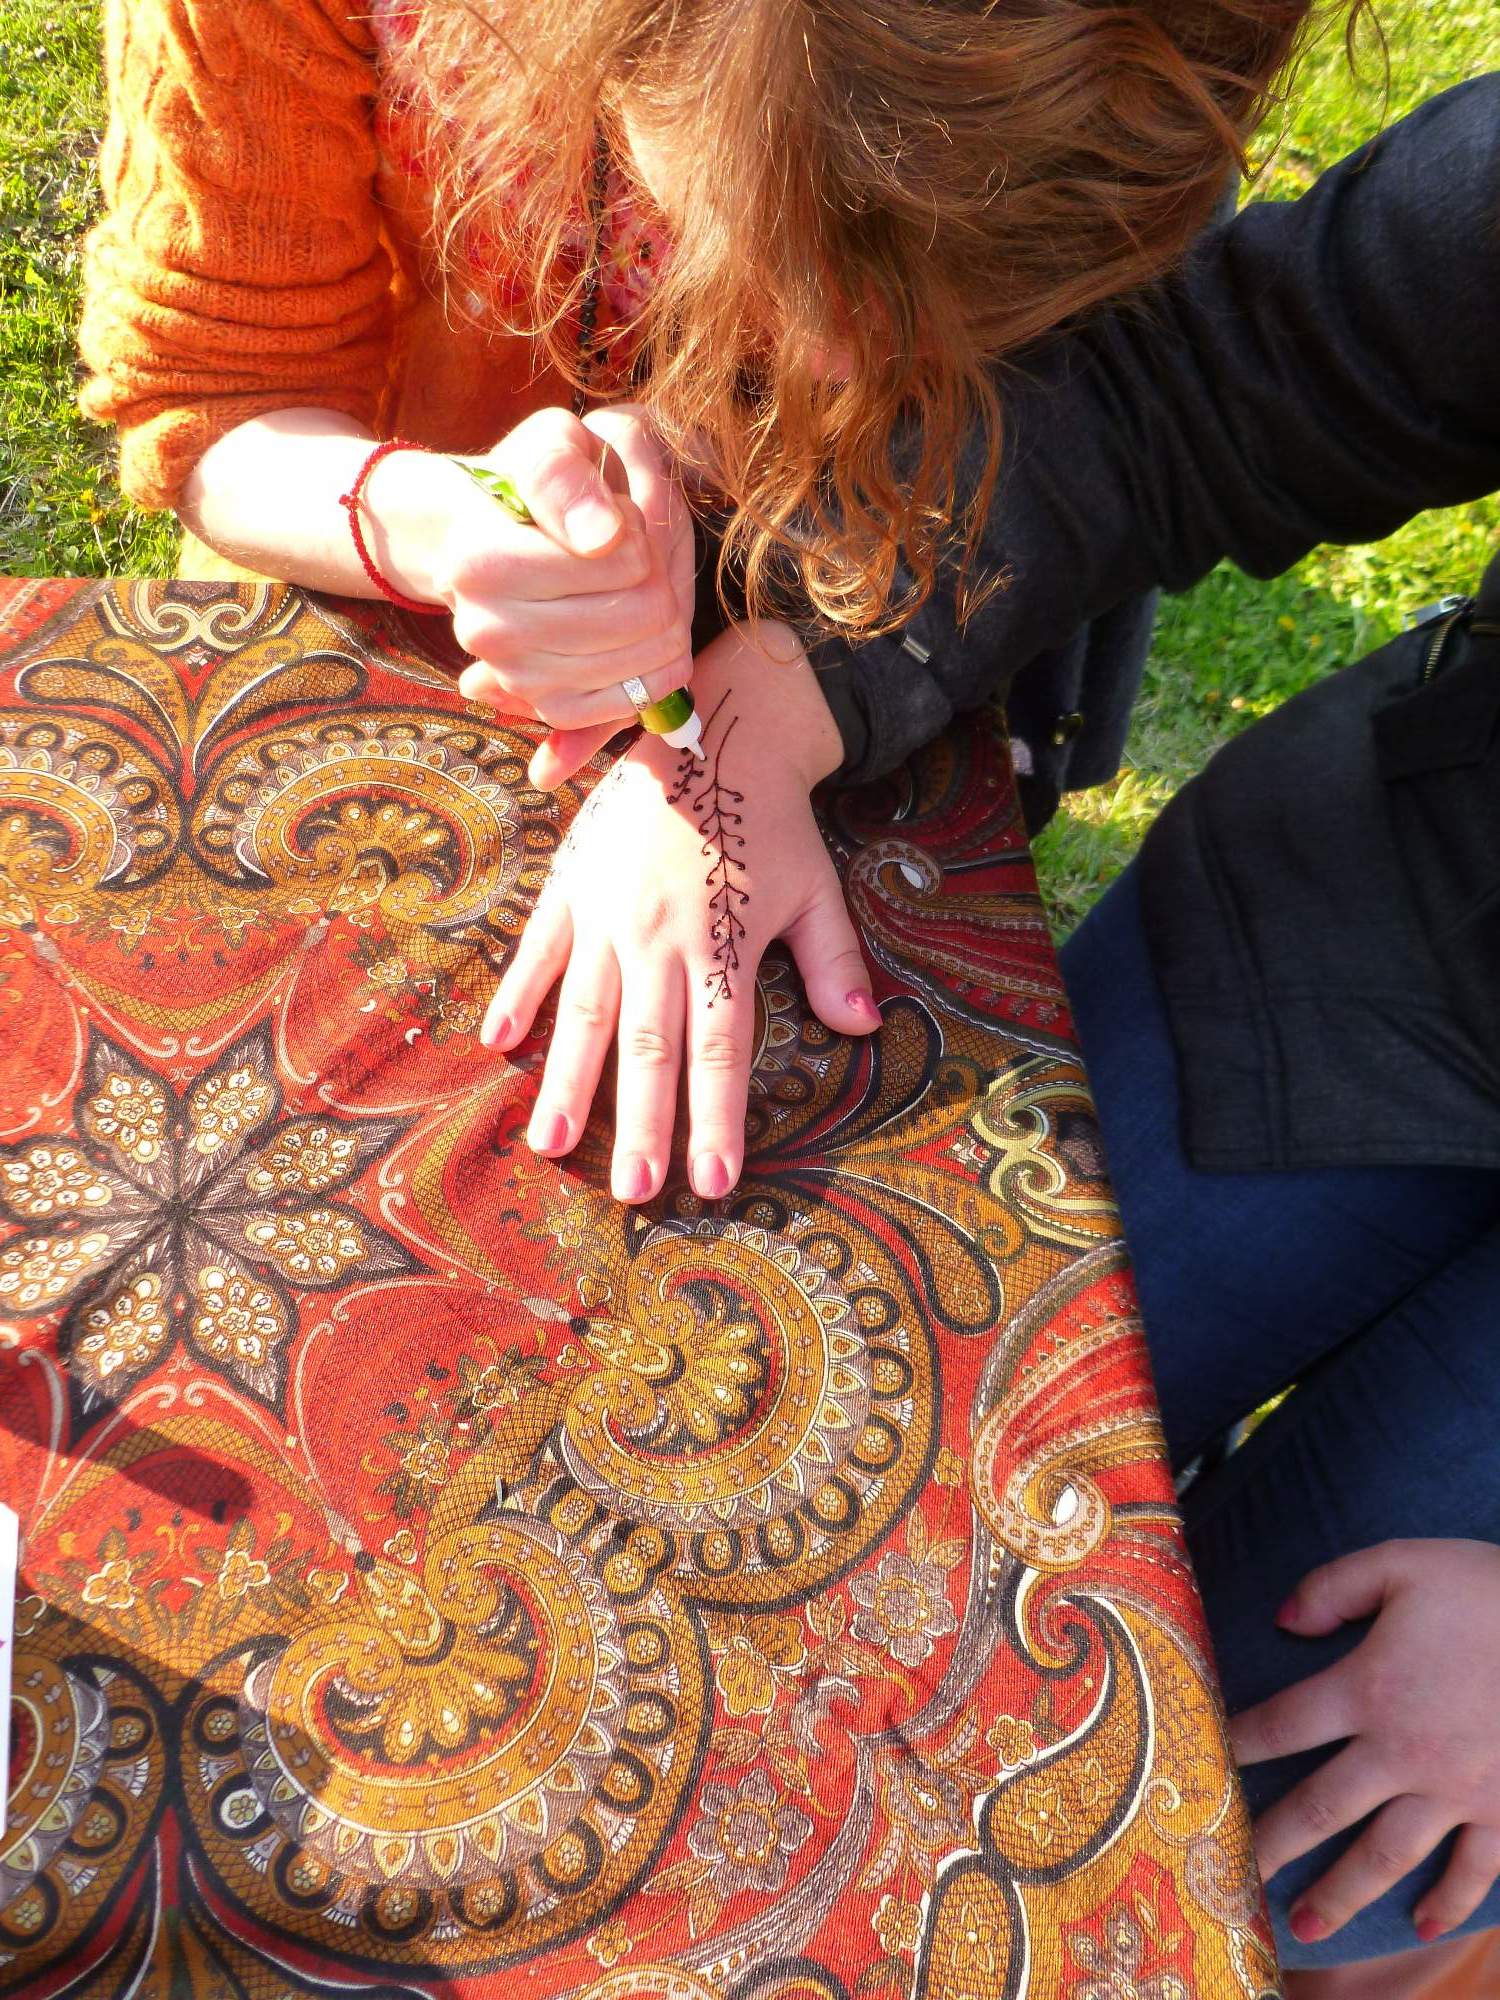 Zájemci si mohli pořídit tetování hennou. U tetovacího stánku se zastavila spousta příchozích. Foto: Kristýna Hortvíková